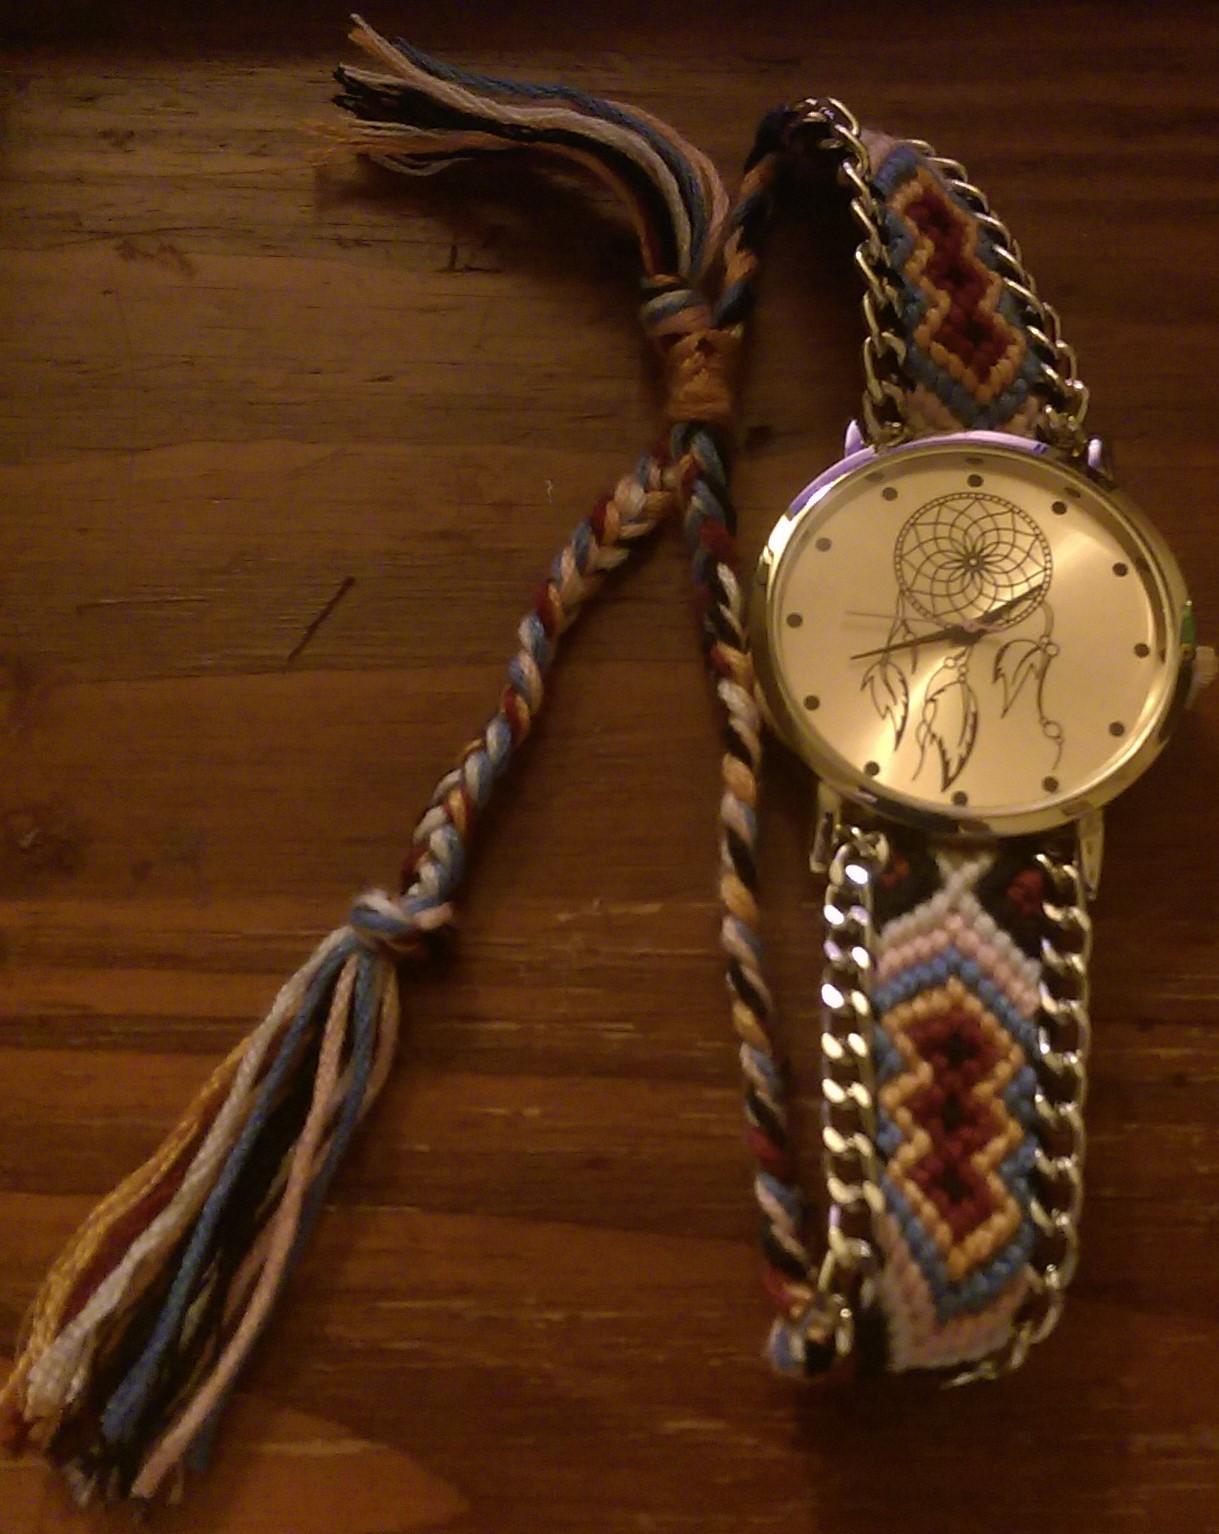 Une somptueuse montre et vintage